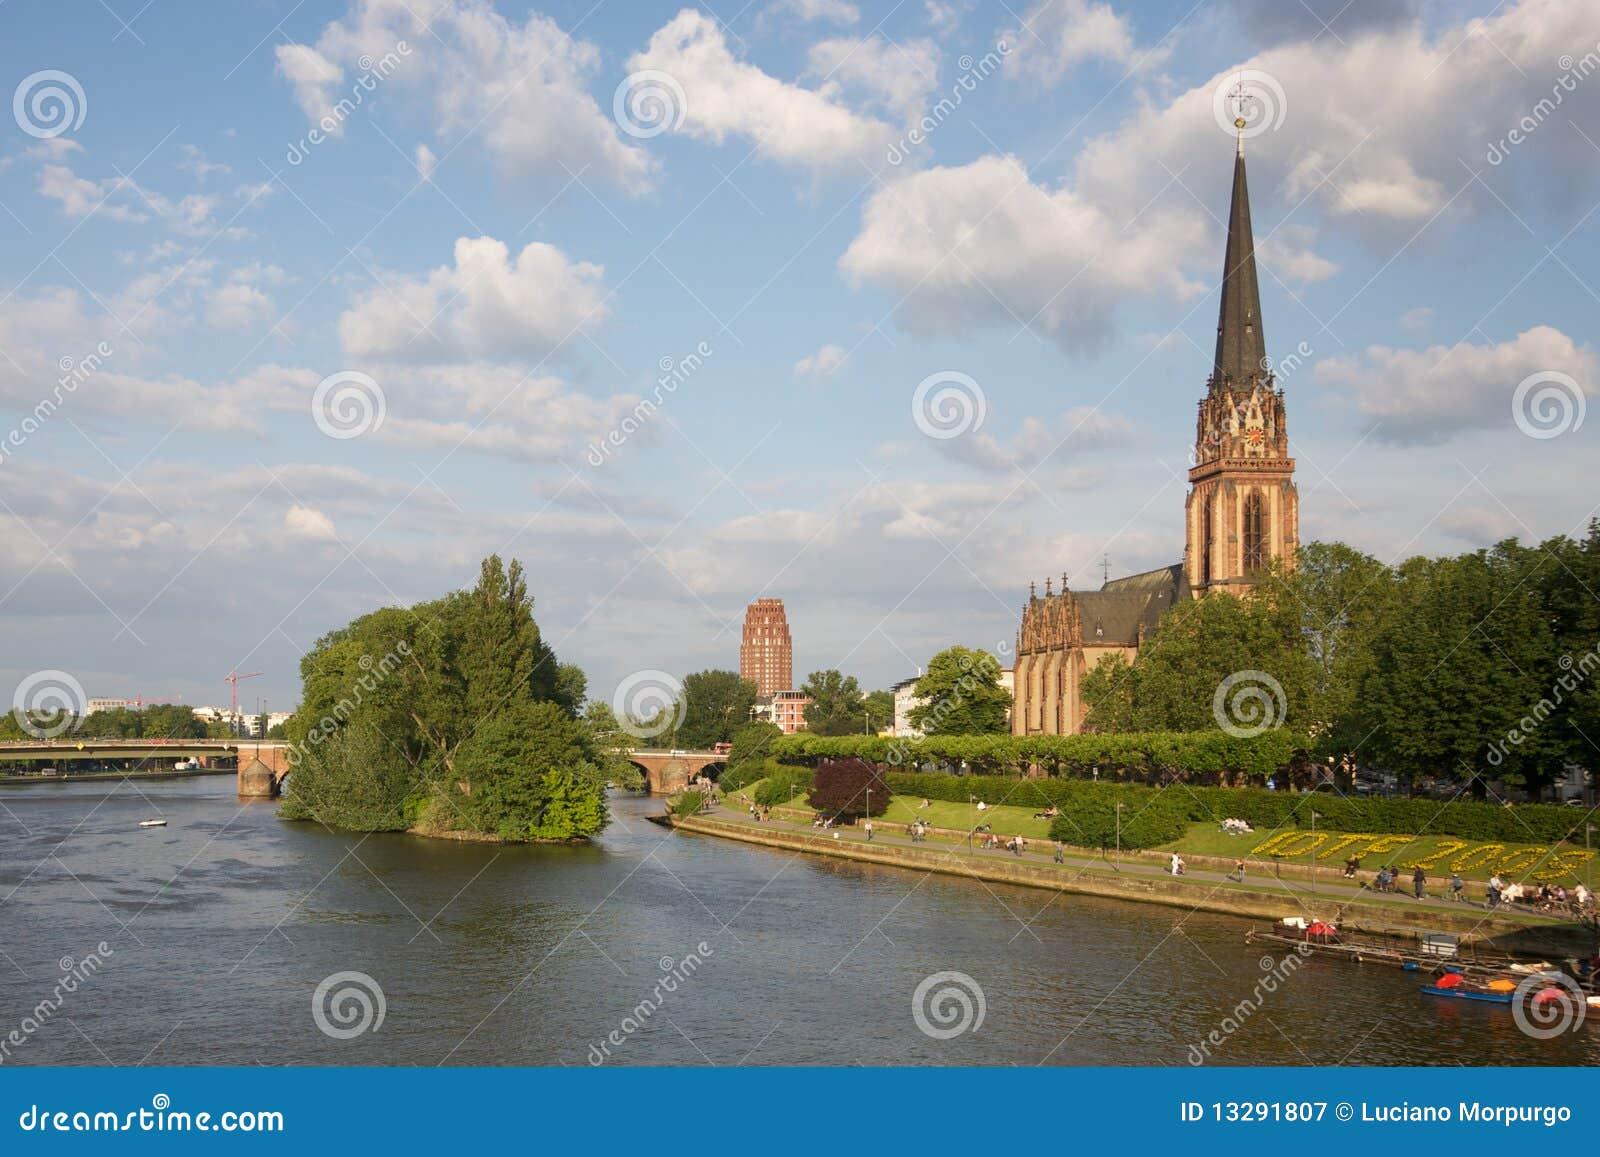 Frankfurt-am-Main: iglesia en el río - Alemania